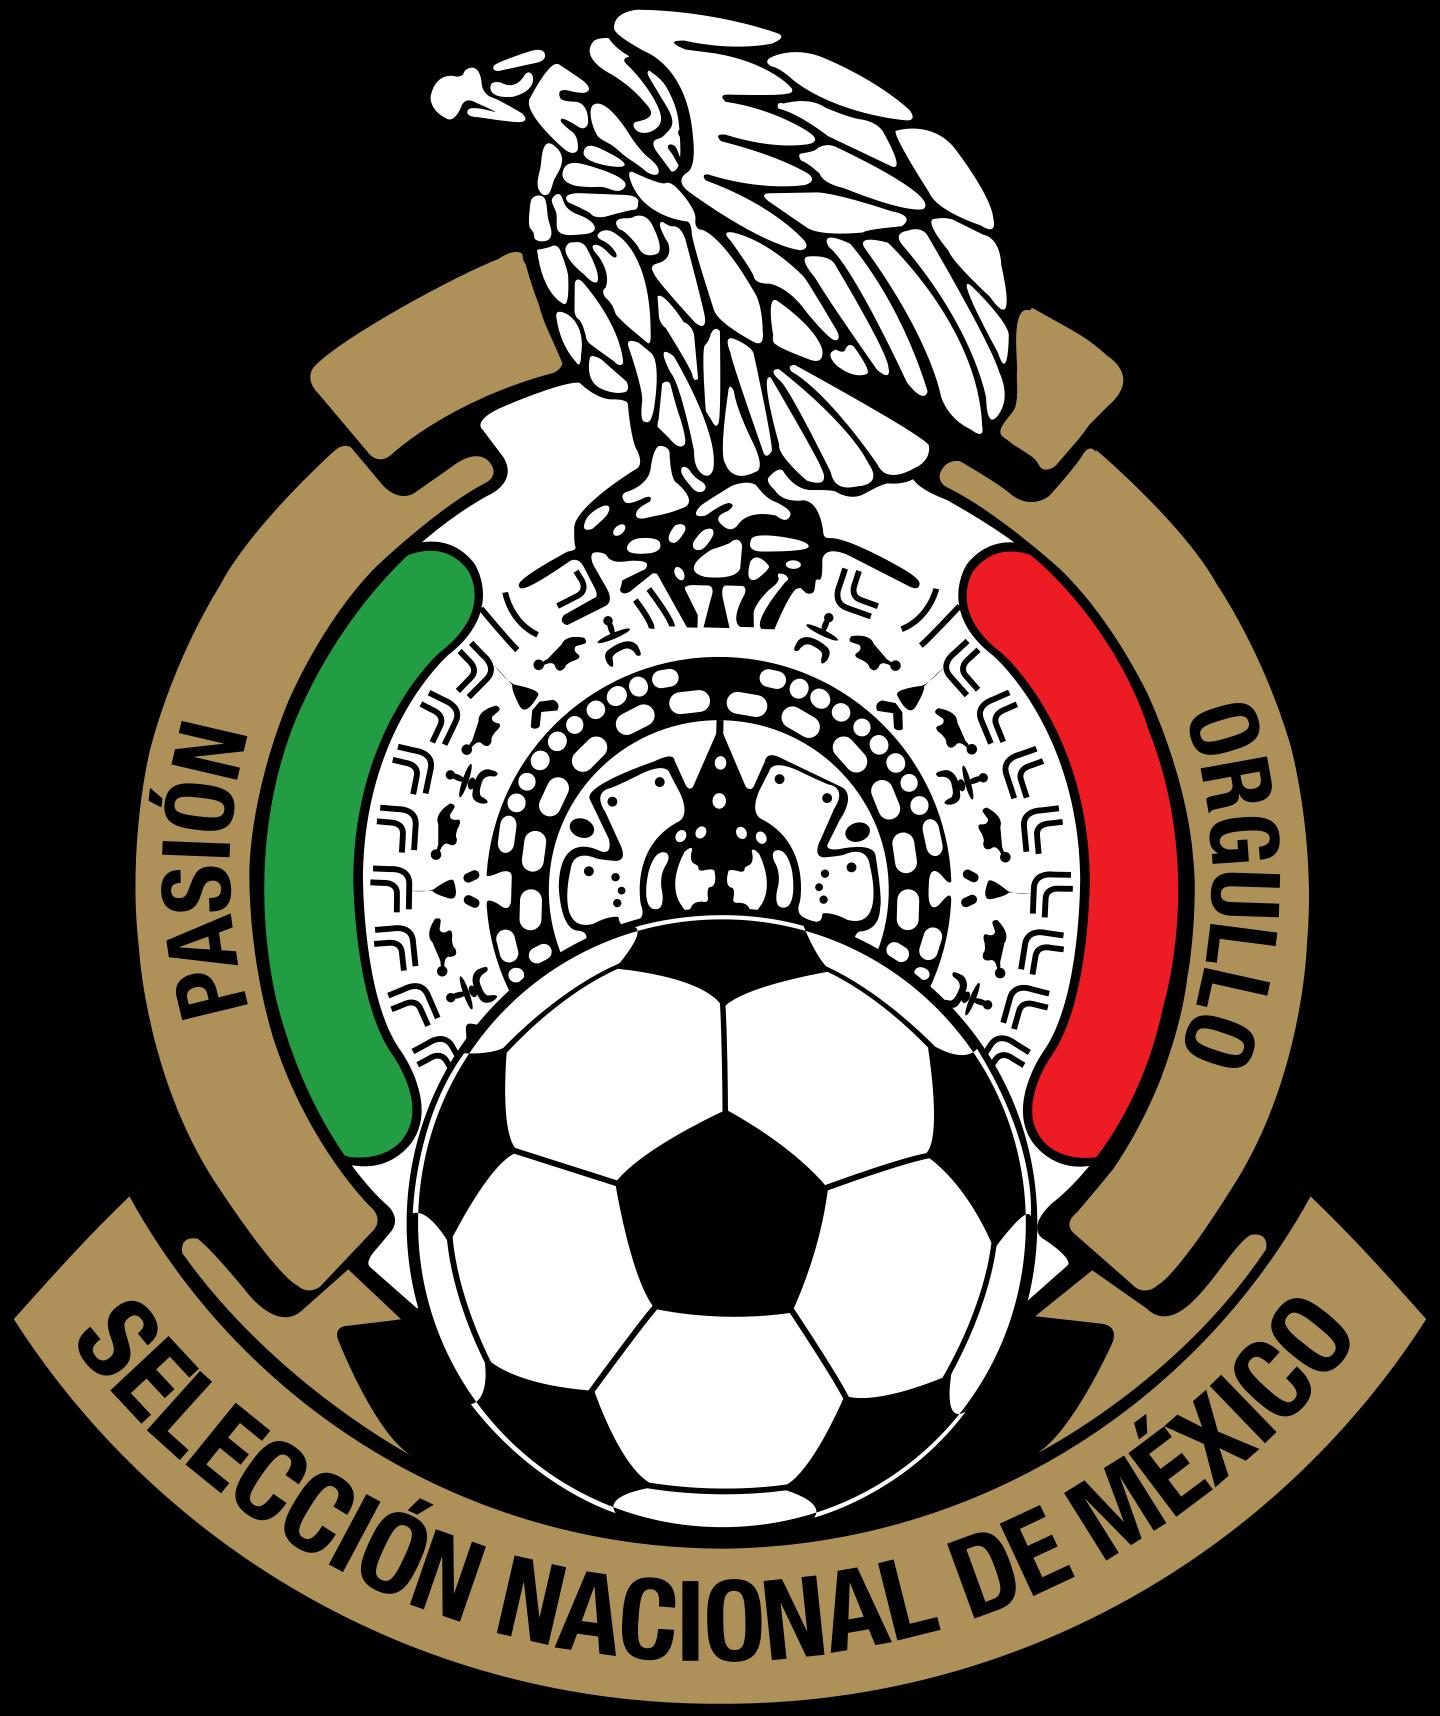 fmf seleccion de mexico logo 2 - FMF – Selección de Fútbol de México Logo